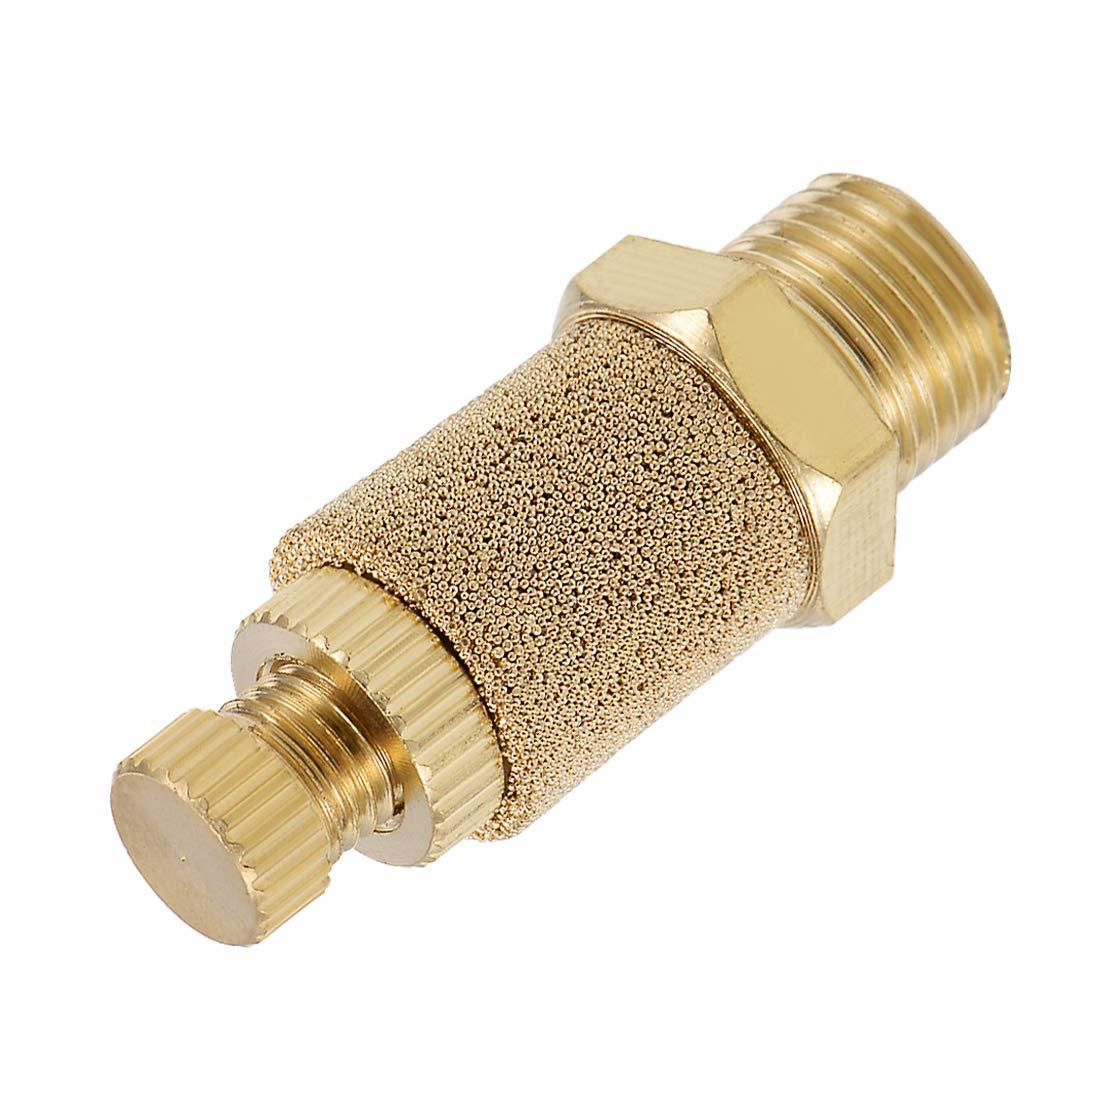 uxcell Top Adjustable Pneumatic Air Exhaust Silencer Muffler Copper 1//8 BSPT Gold Tone 2pcs